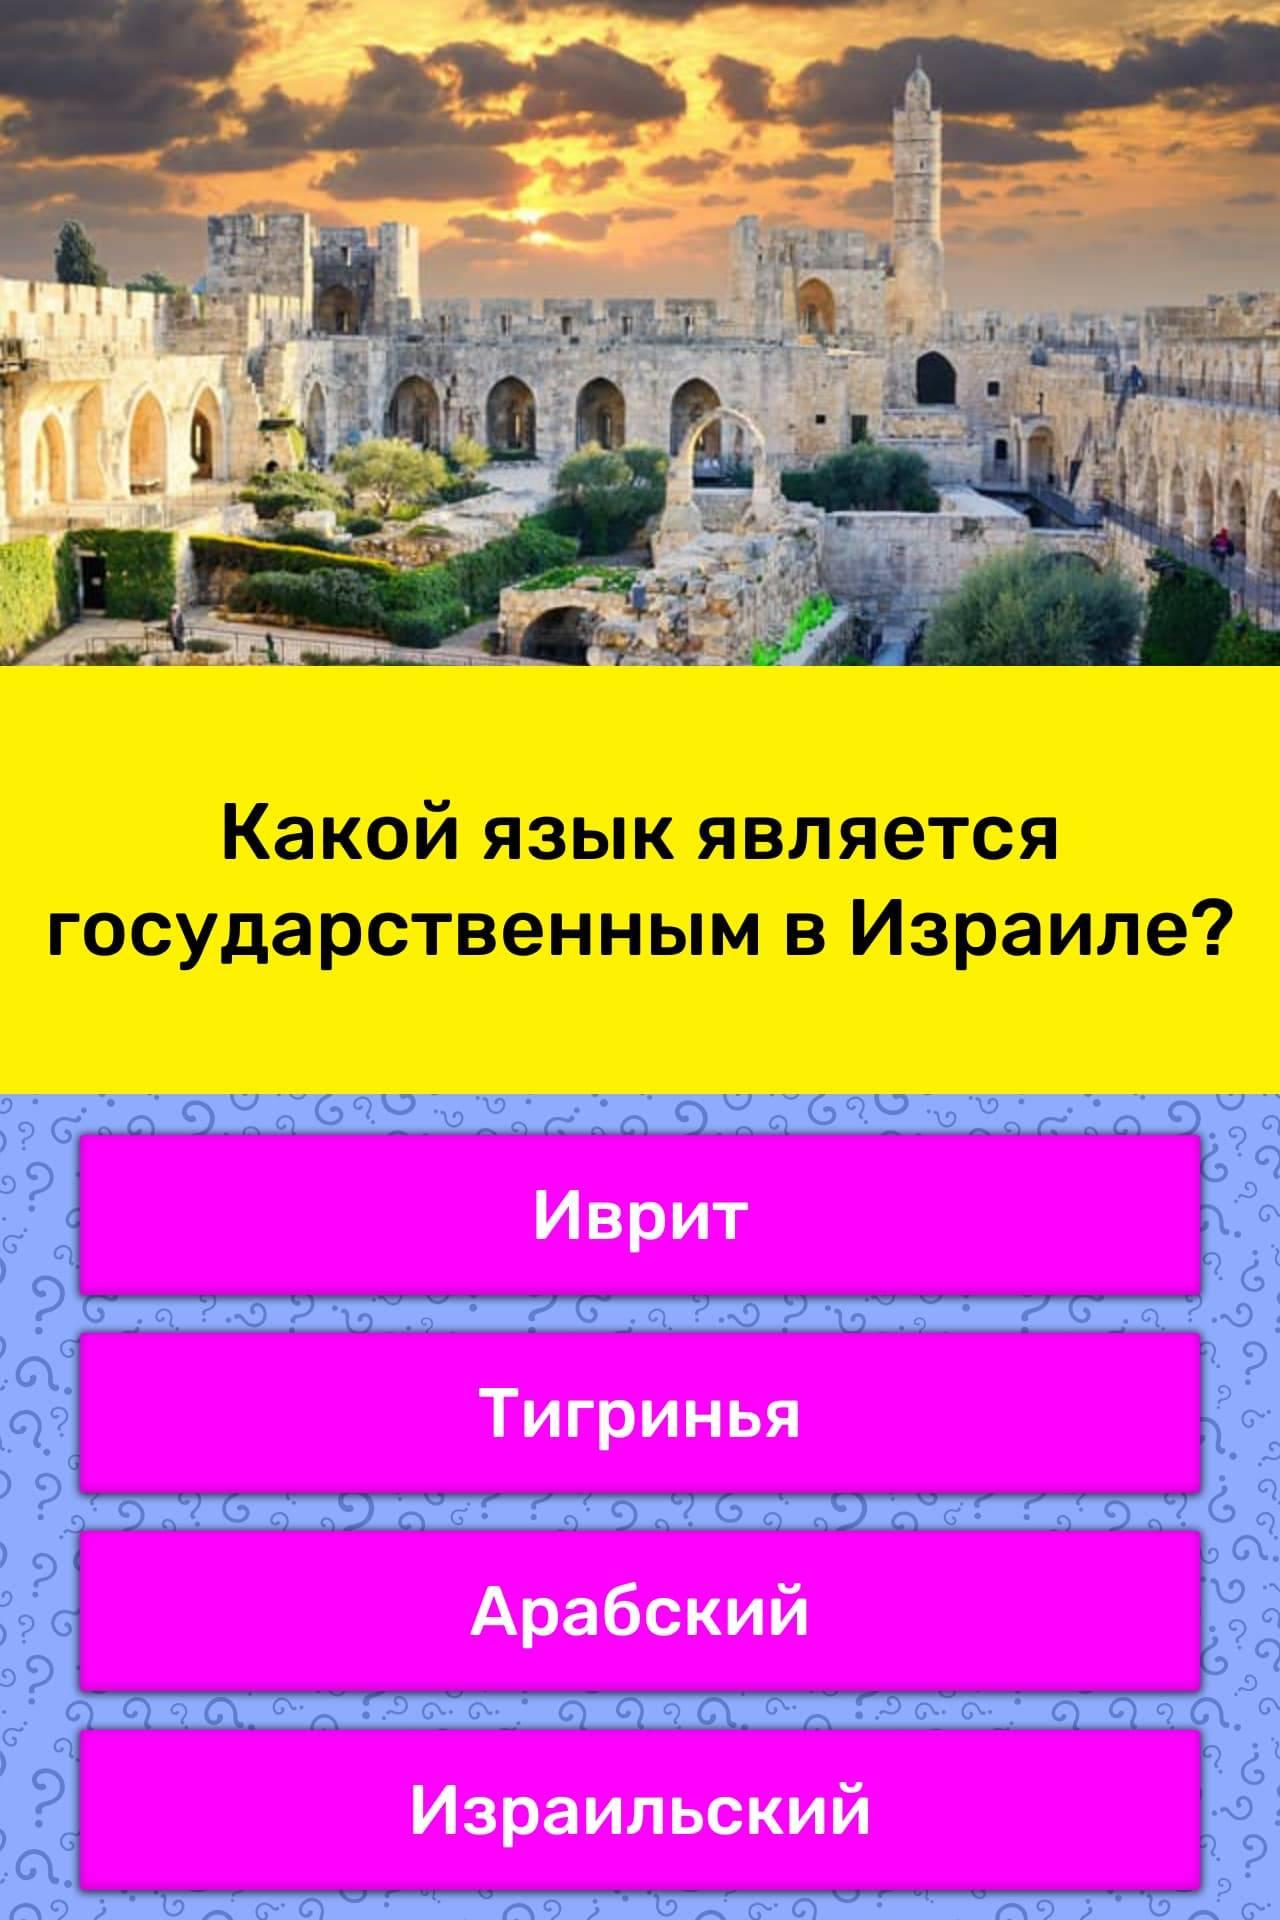 Алфавит языка иврит. согласные и гласные. транскрипция